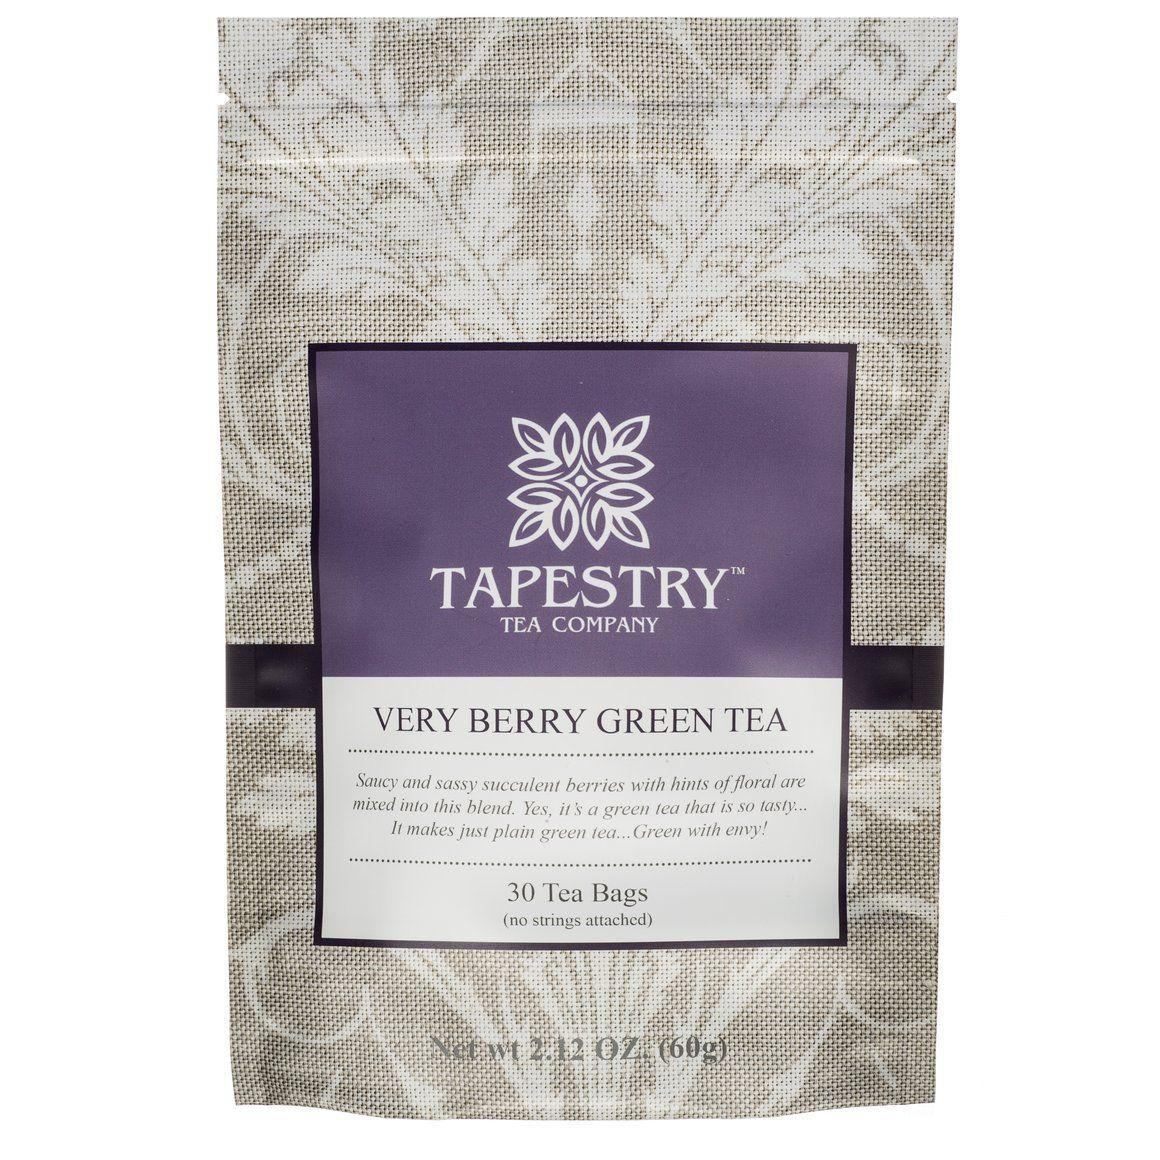 Green tea from Tapestry Tea Company